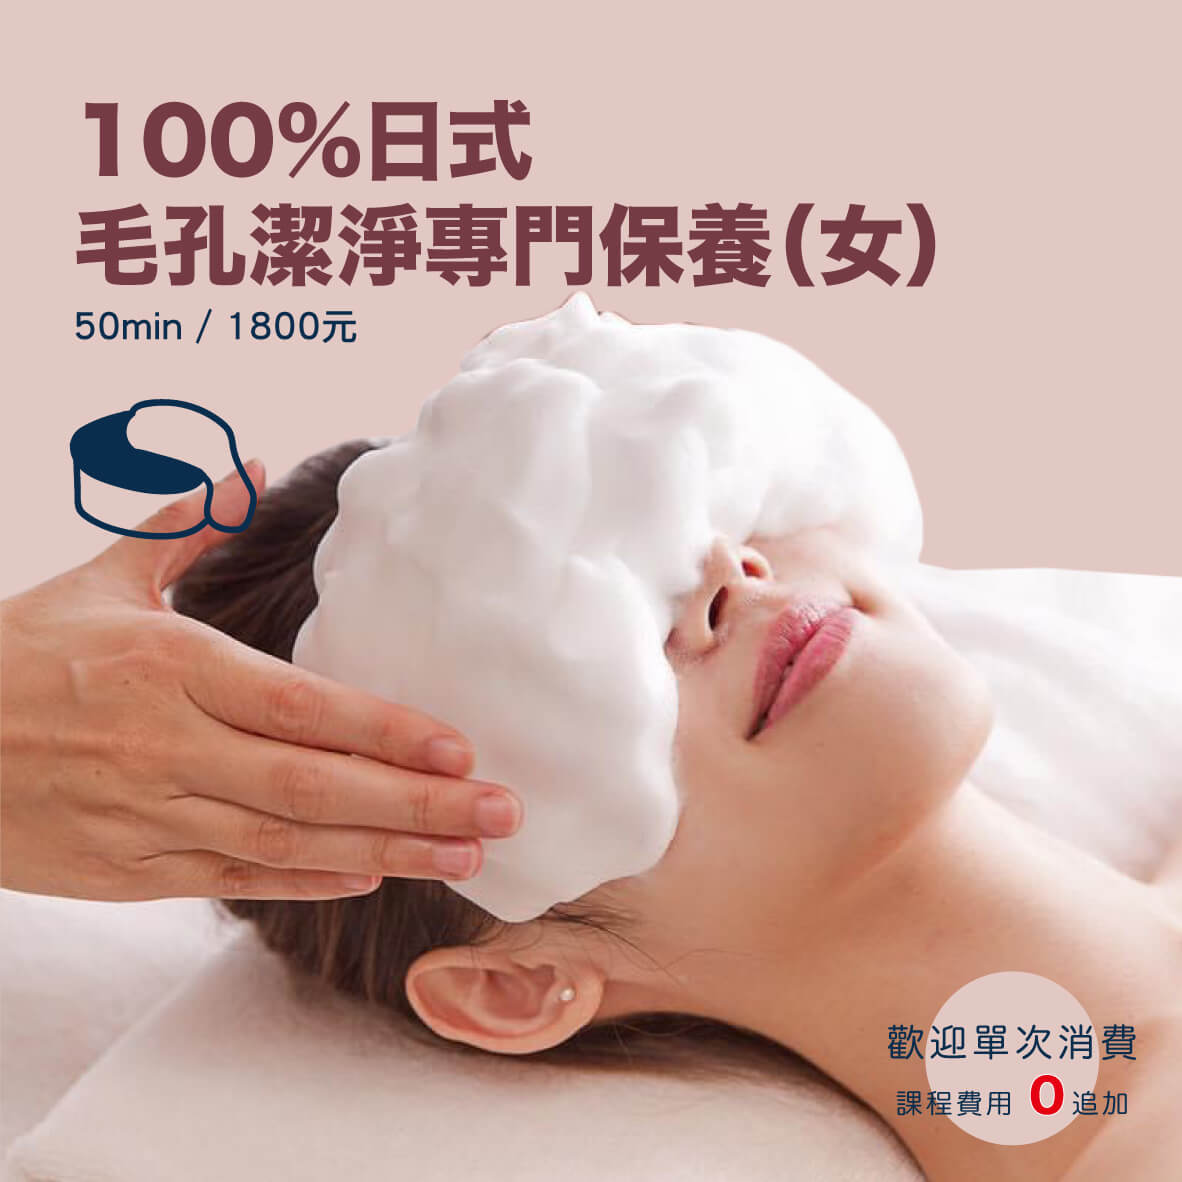 清粉刺痛到爆 毛孔縮小雷射 臉部清潔洗面乳推薦